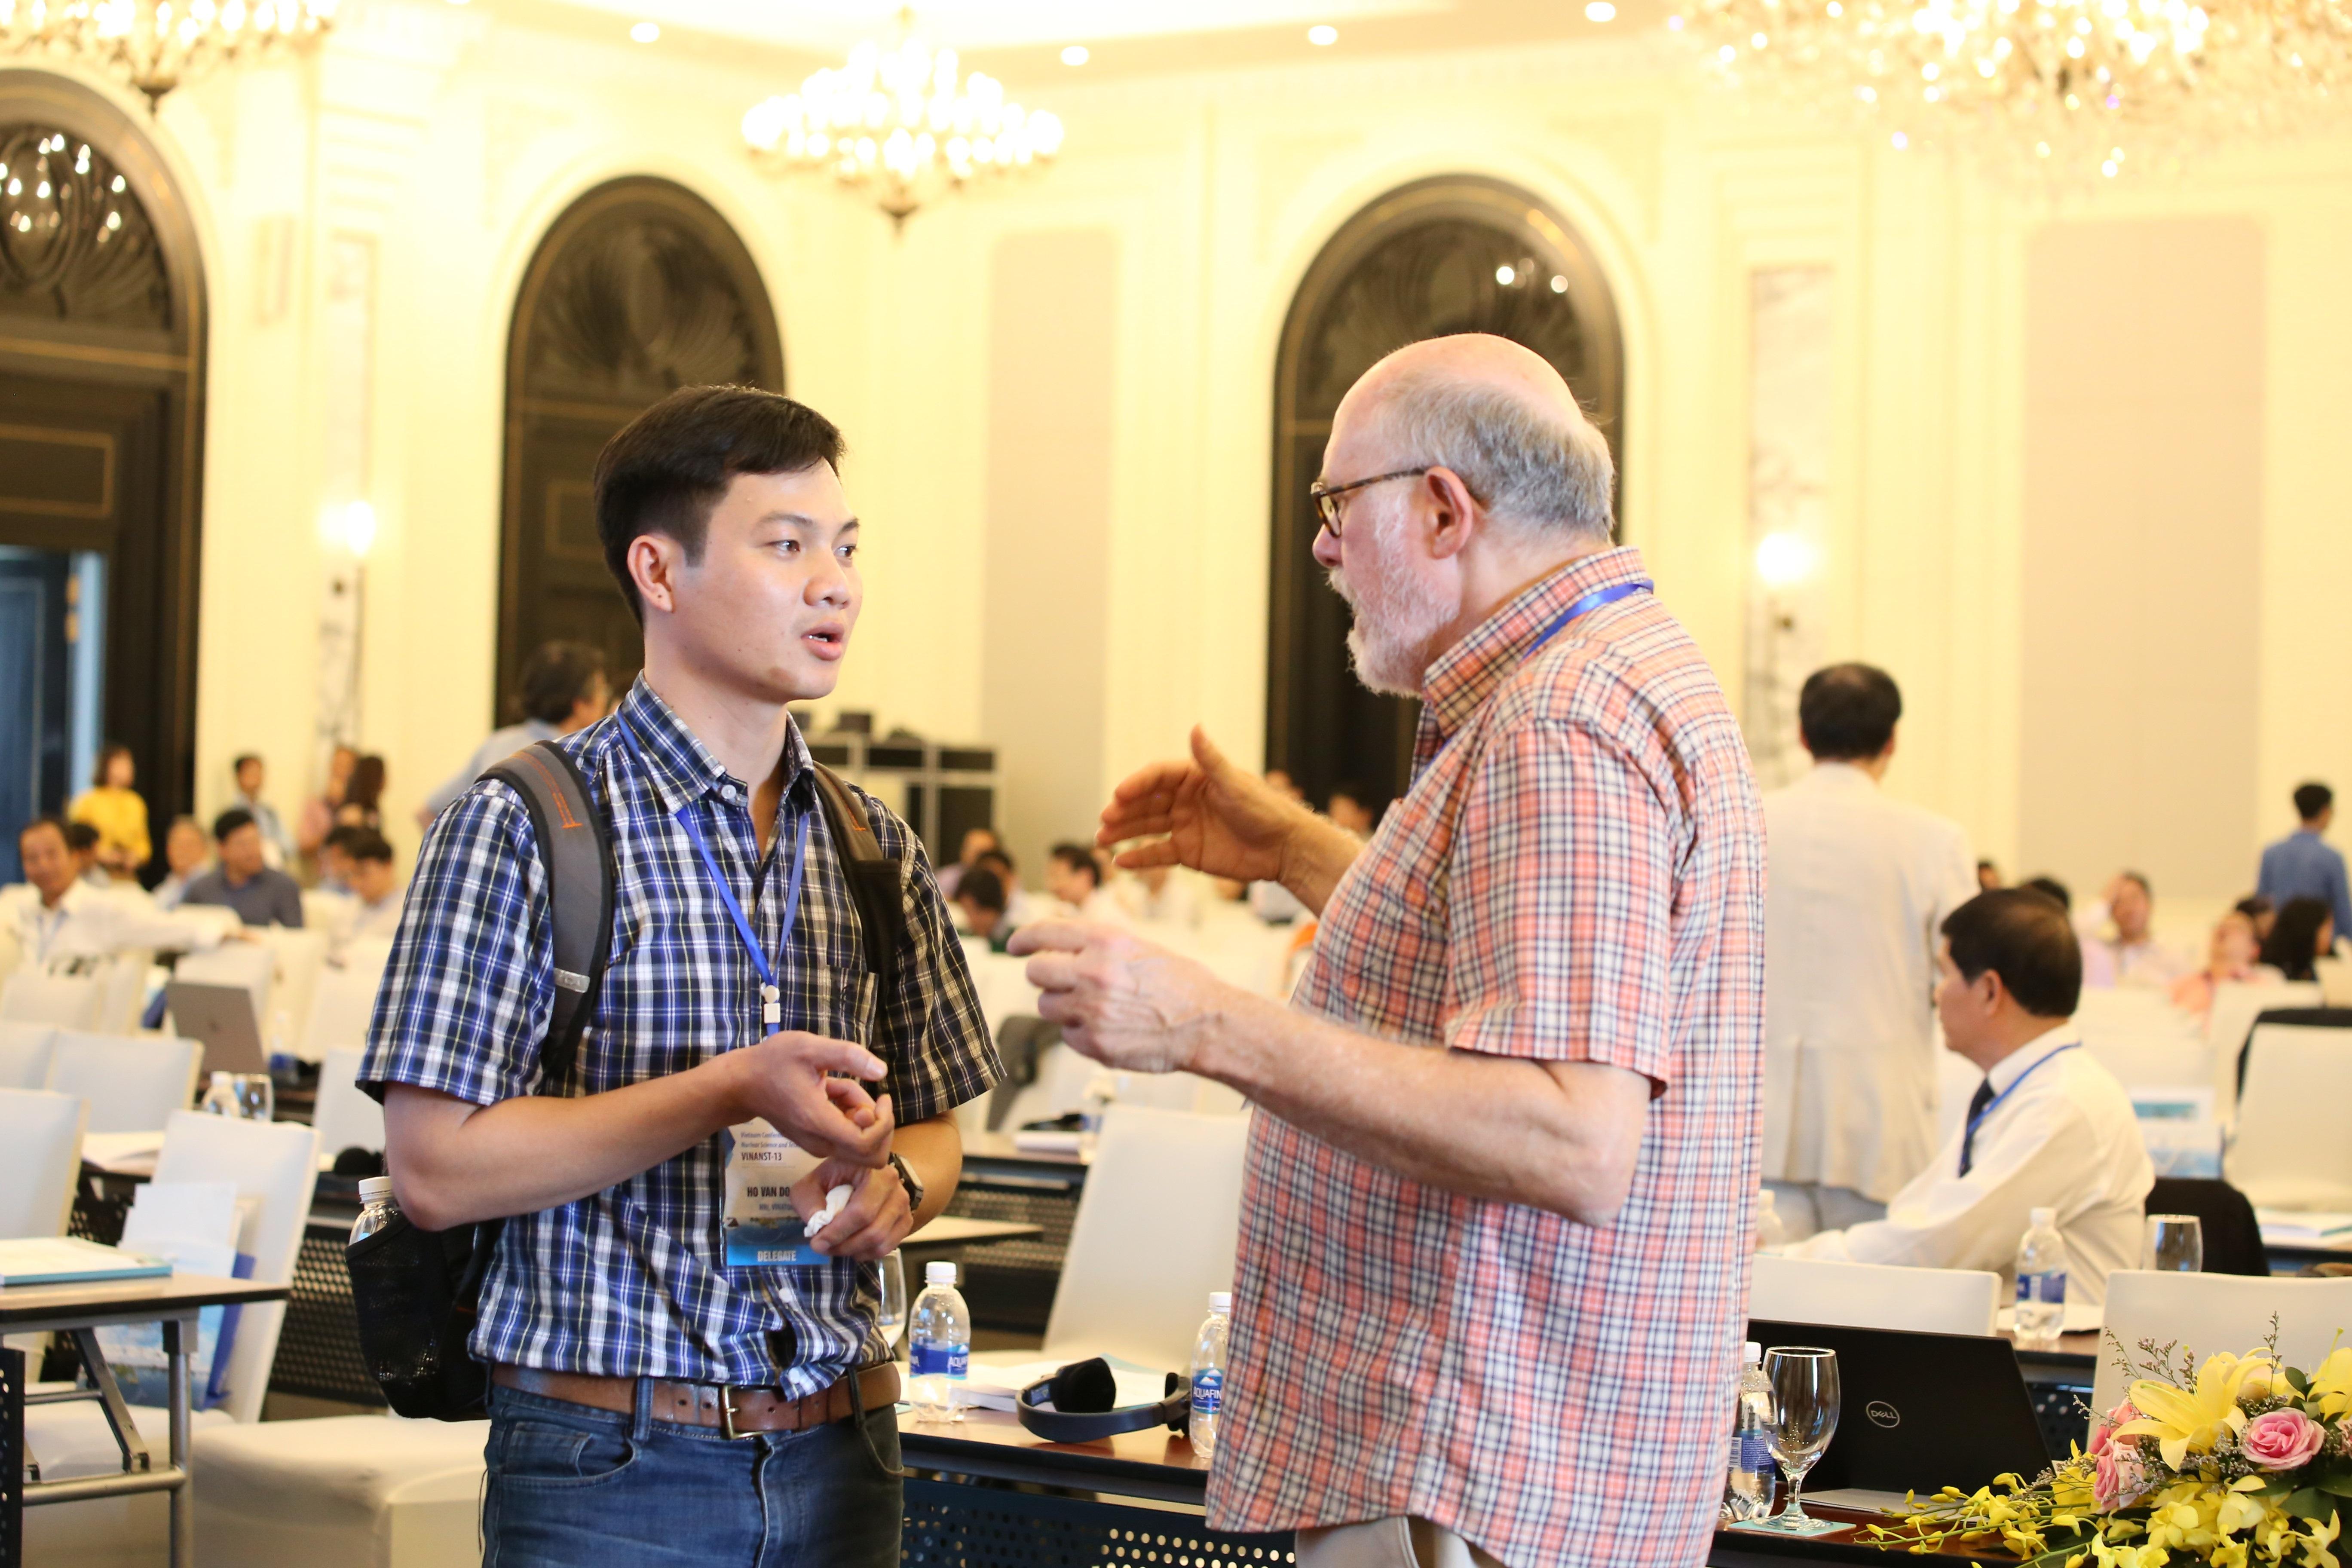 Nhà nghiên cứu trẻ Hồ Văn Doanh (Viện nghiên cứu hạt nhân) trao đổi với giáo sư Sheldon Lansberger (trường Đại học Texas, Mỹ) bên lề Hội nghị.